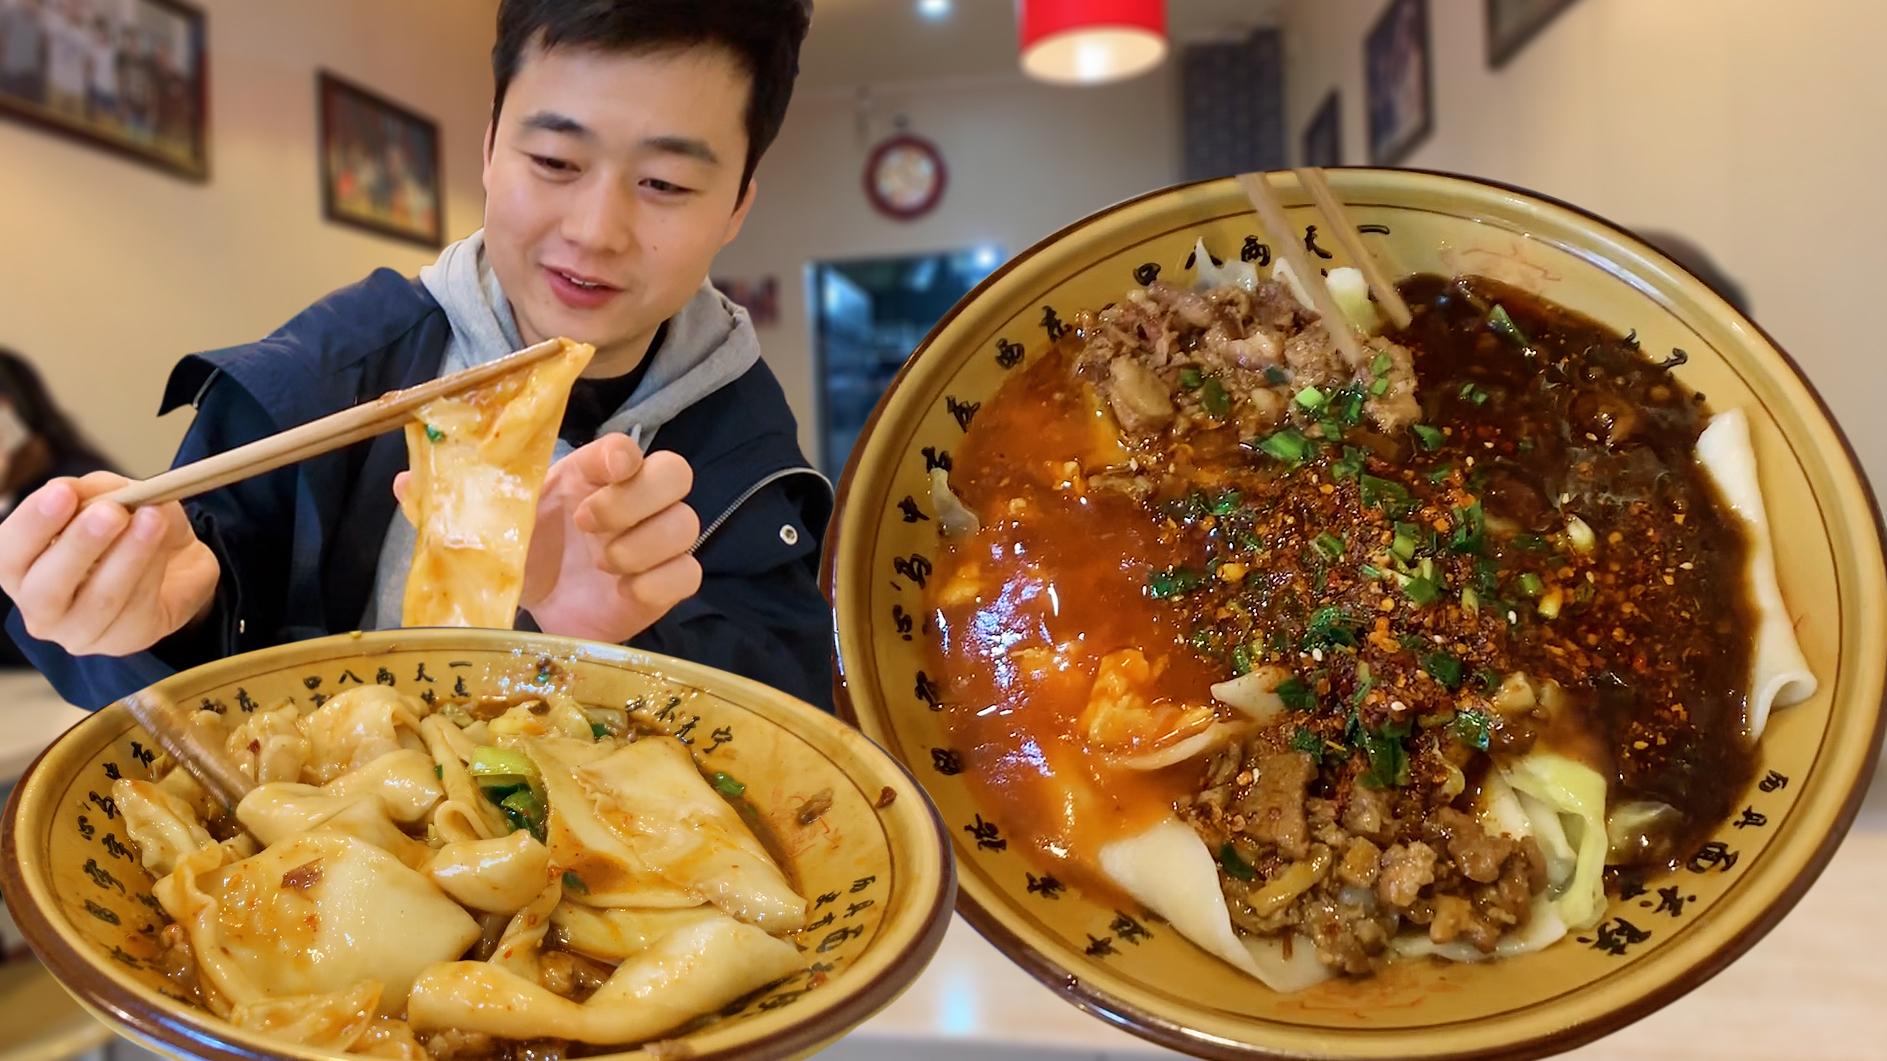 西安名气很大的小面馆,明星常来吃特色biangbiang面,门面不起眼